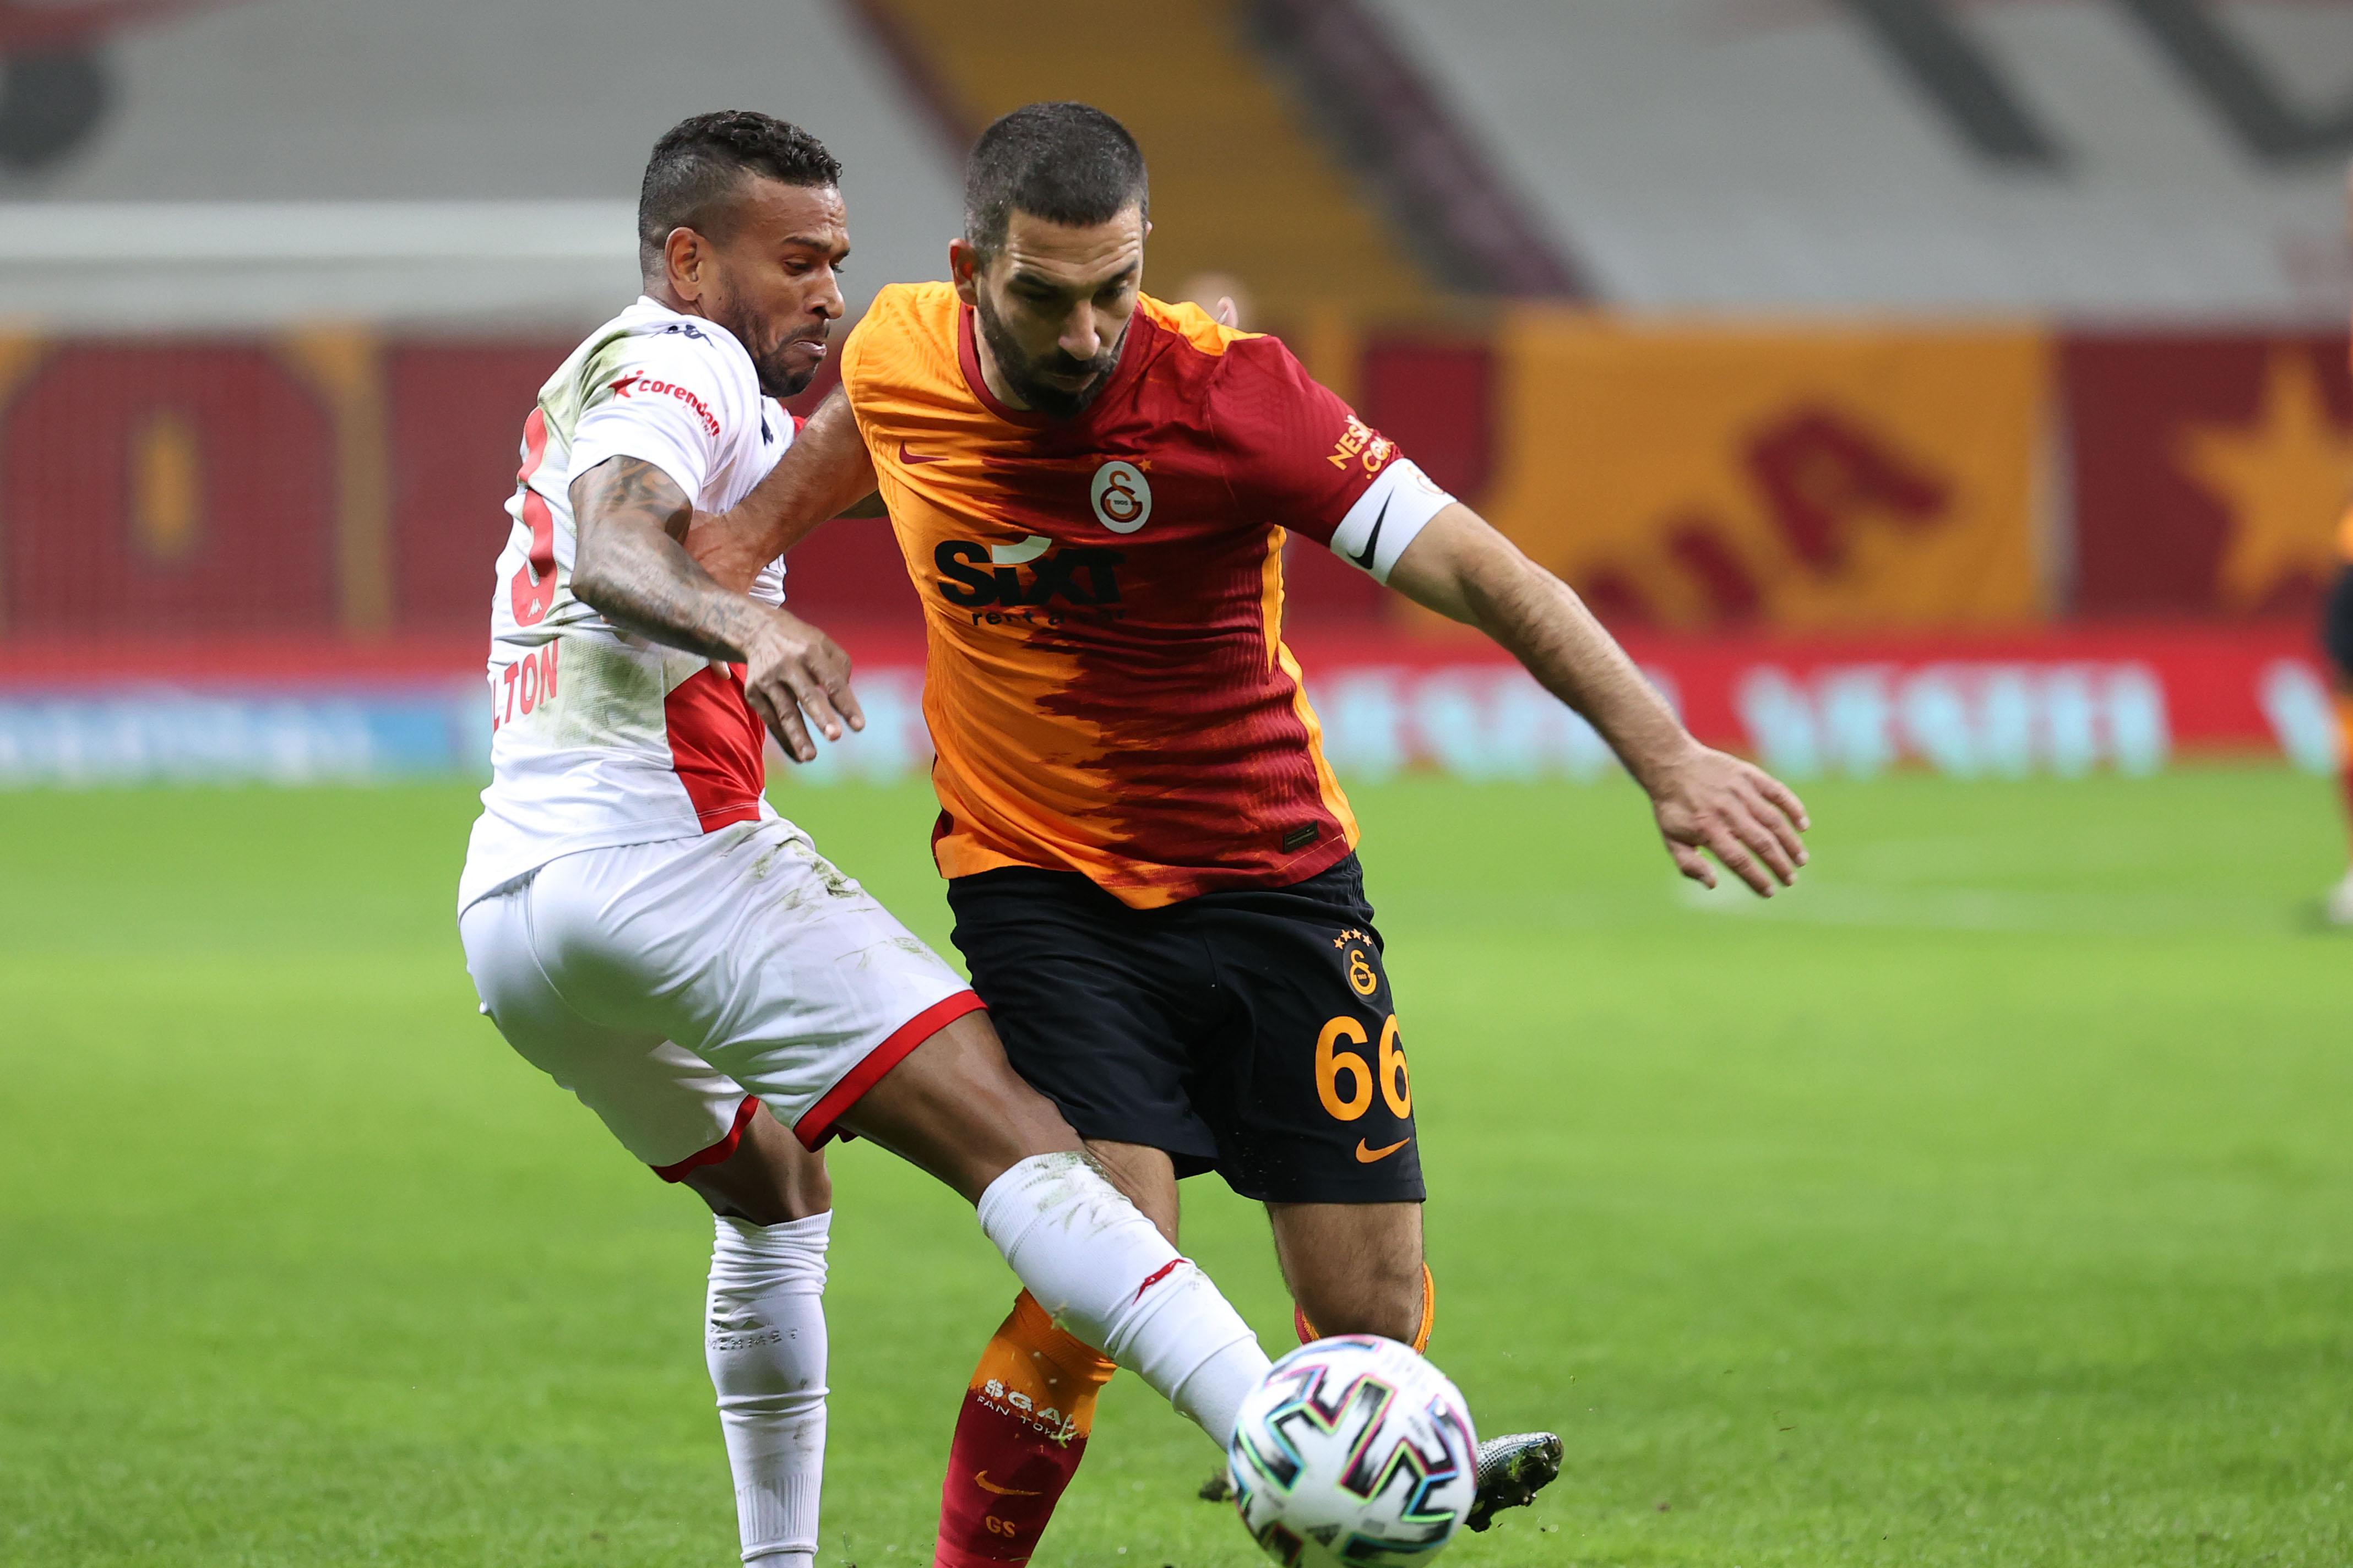 Galatasaray - Antalyaspor maç sonucu: 0-0 (GS - Antalya ÖZET)